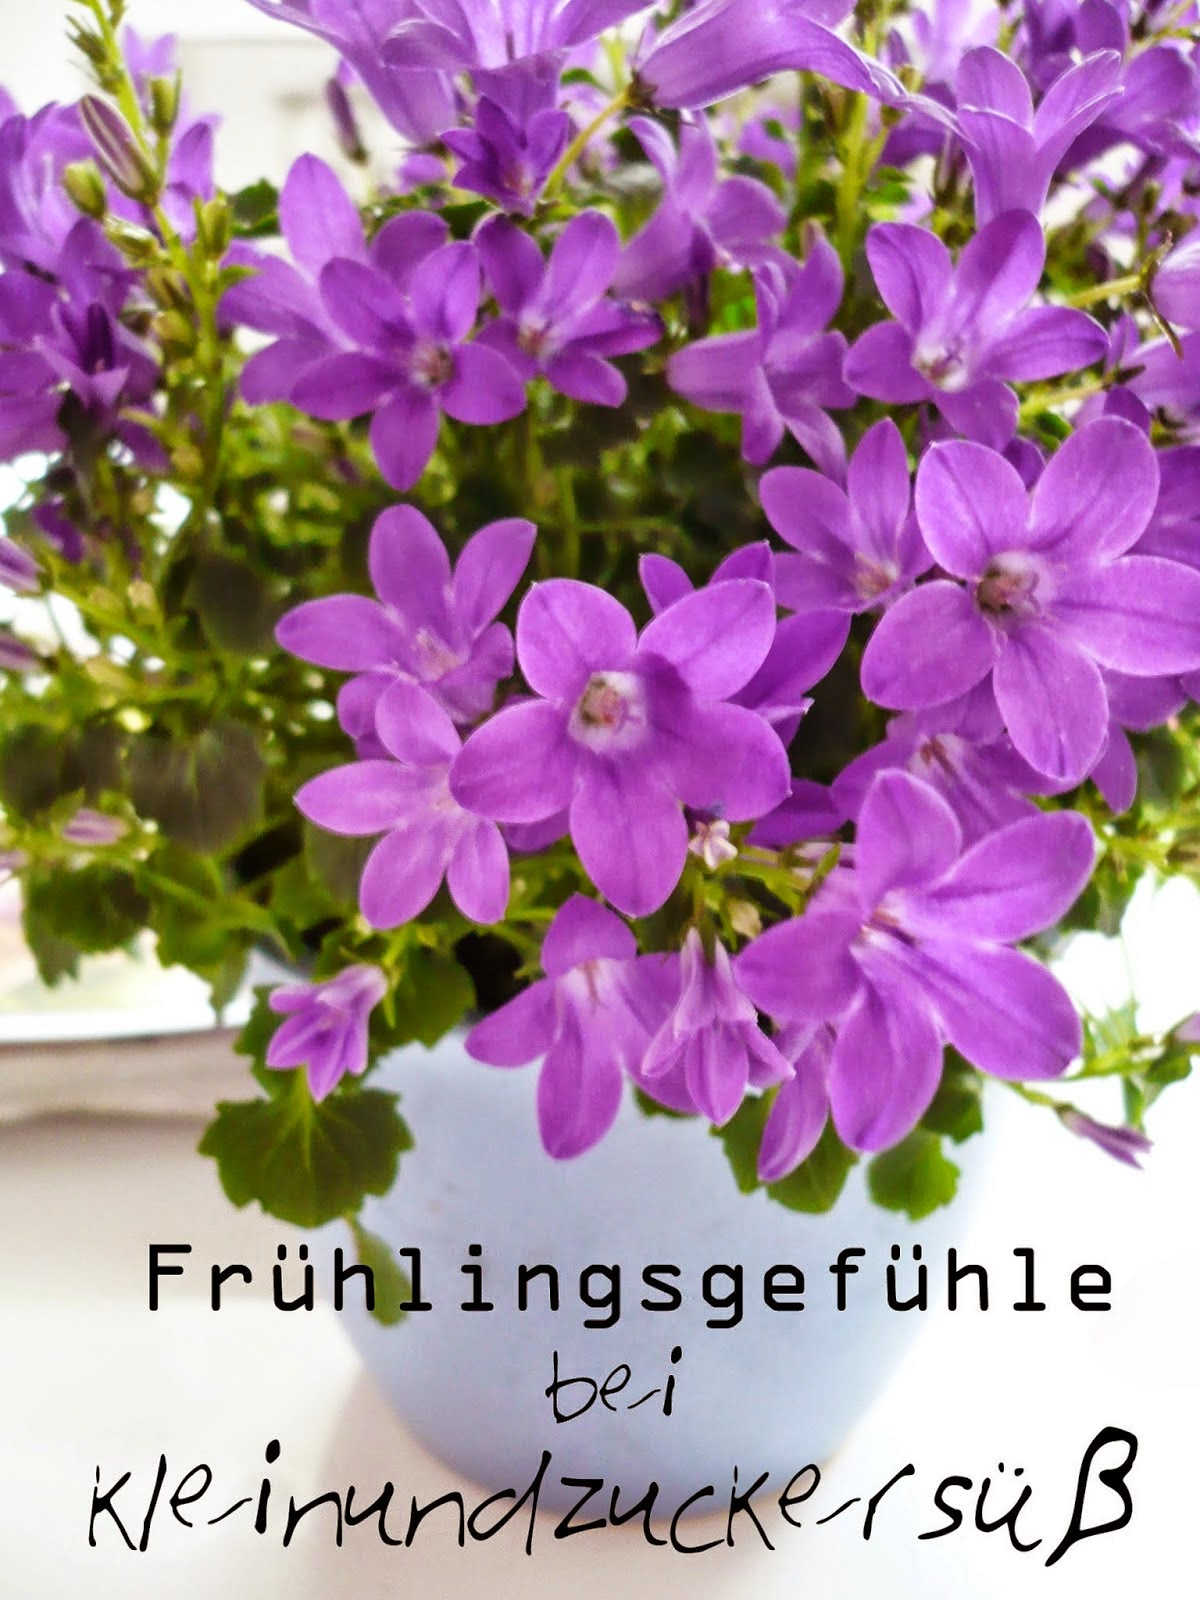 http://kleinundzuckersuess.blogspot.de/2014/03/fruhlingsgefuhle-lasst-uns-gemeinsam.html#more